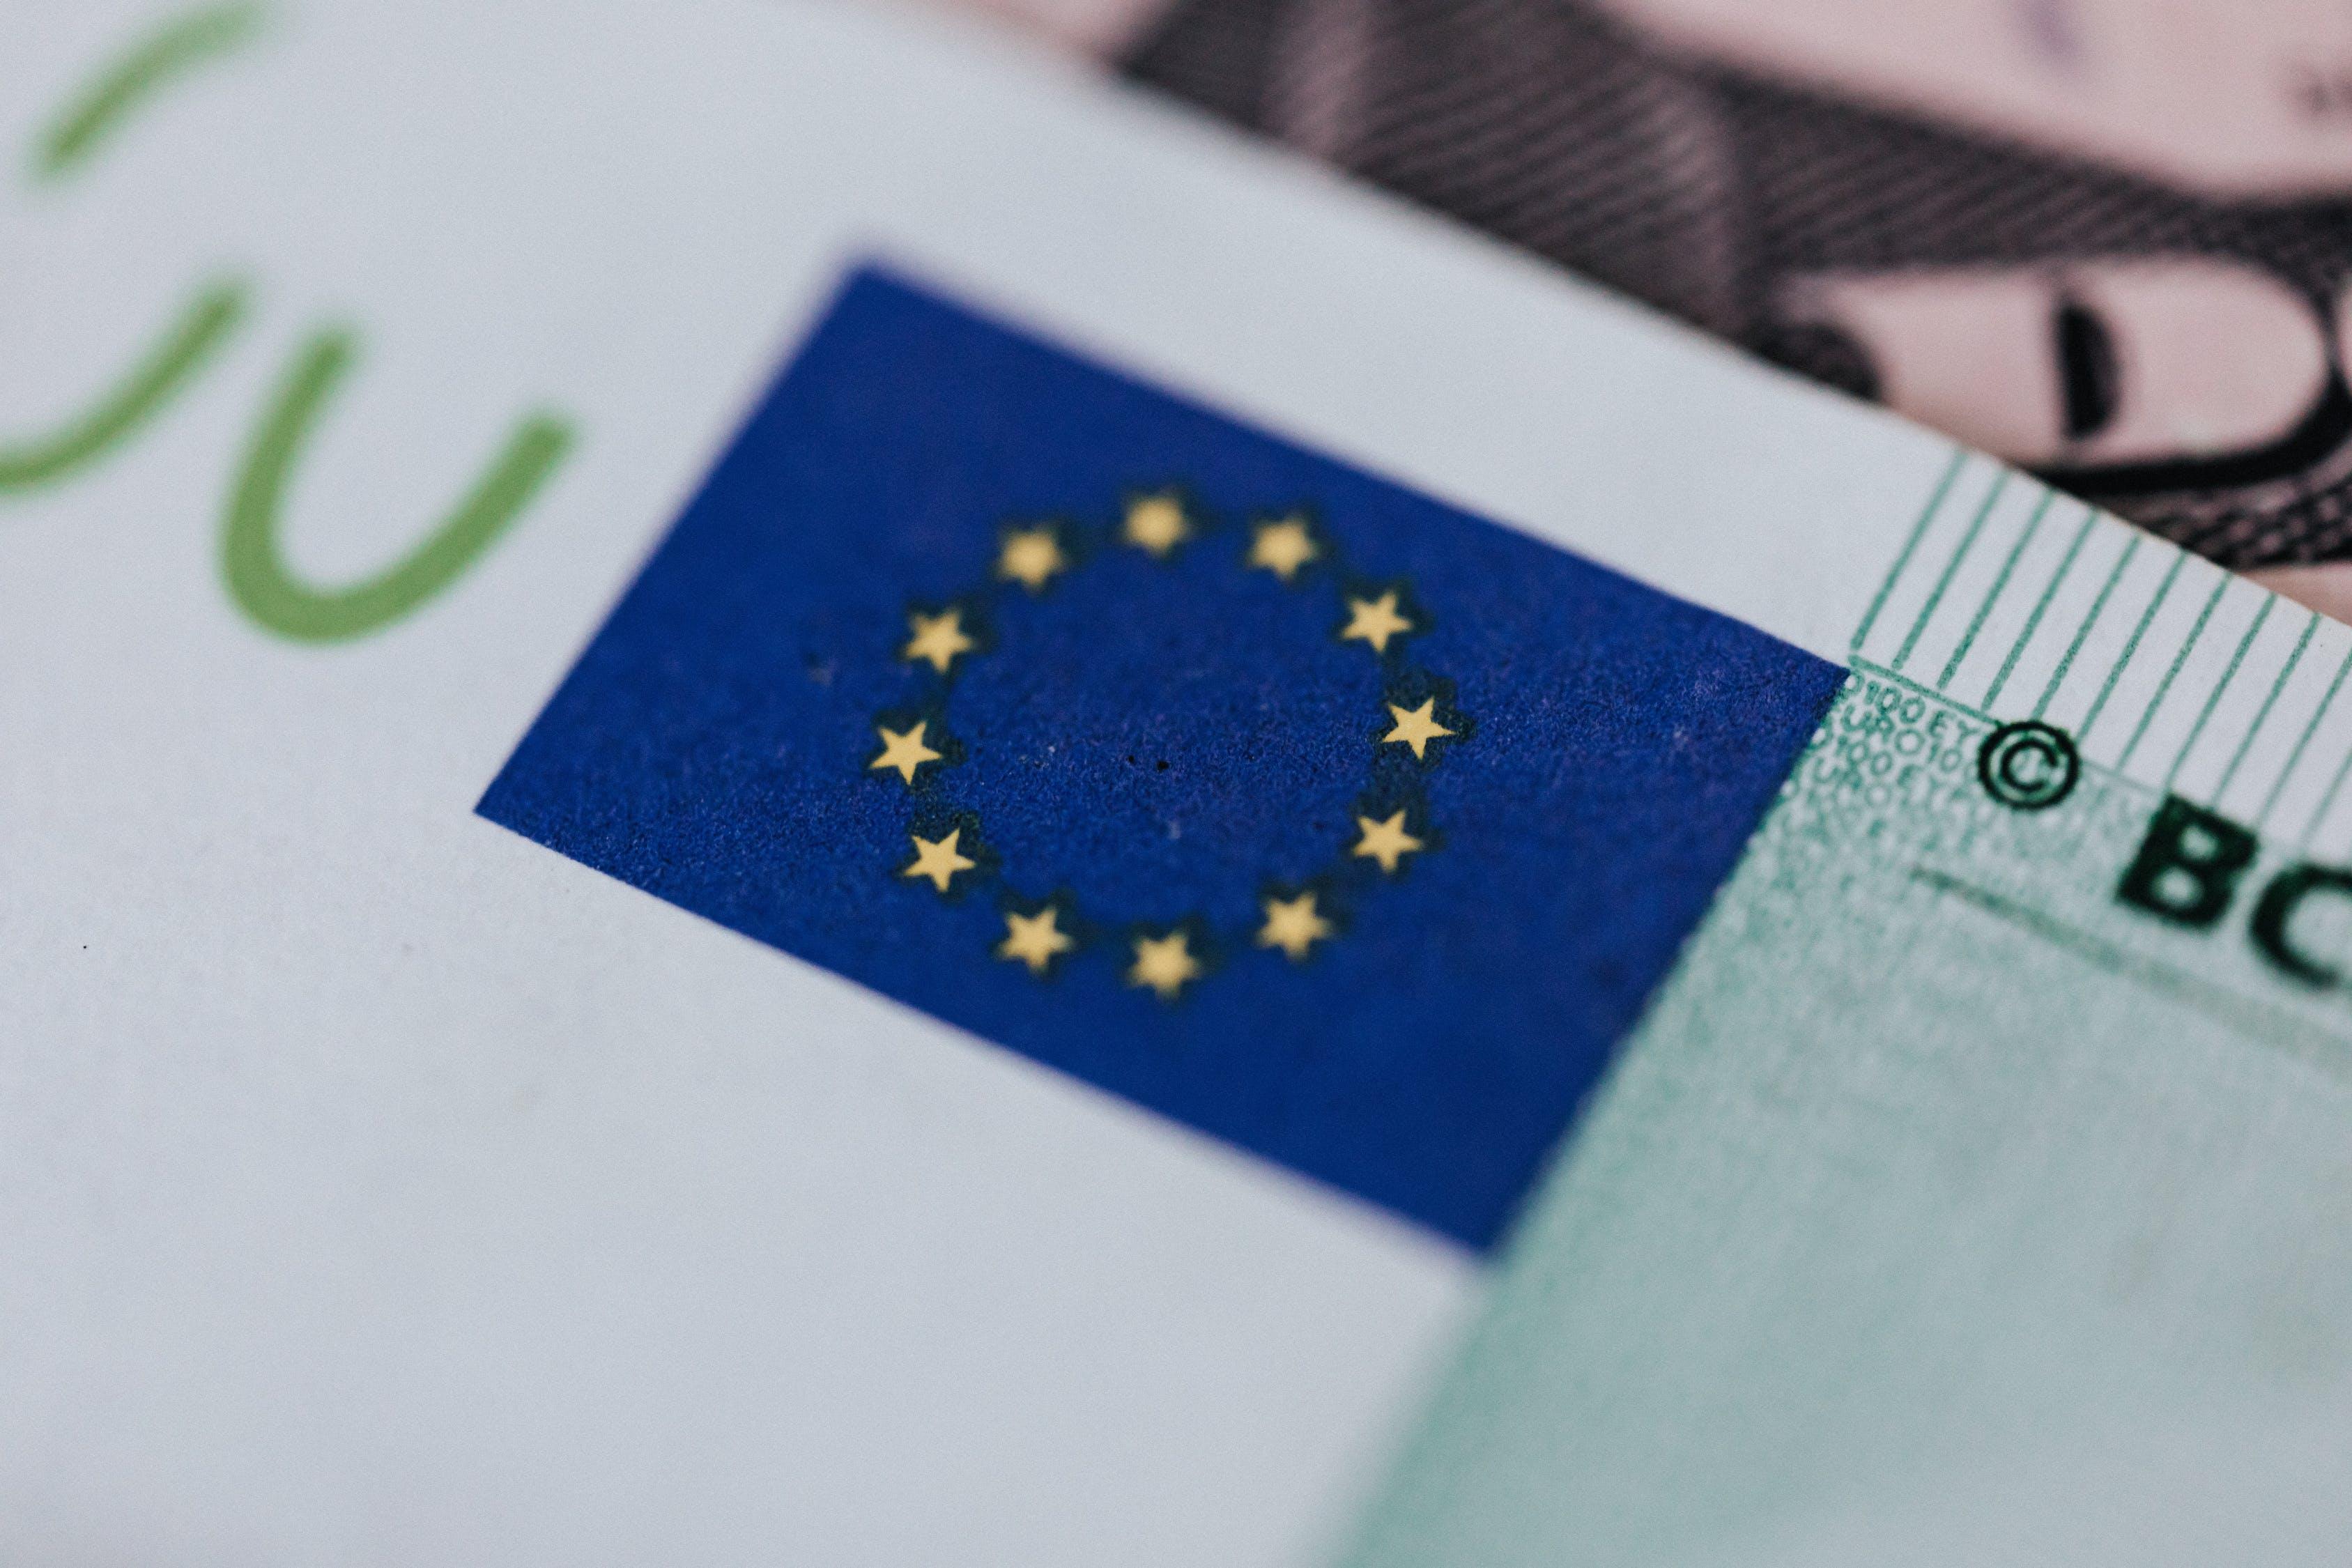 Vergütung im Arbeitsrecht: das Wichtigste für Arbeitnehmer und Arbeitgeber auf einen Blick - BERATUNG.DE